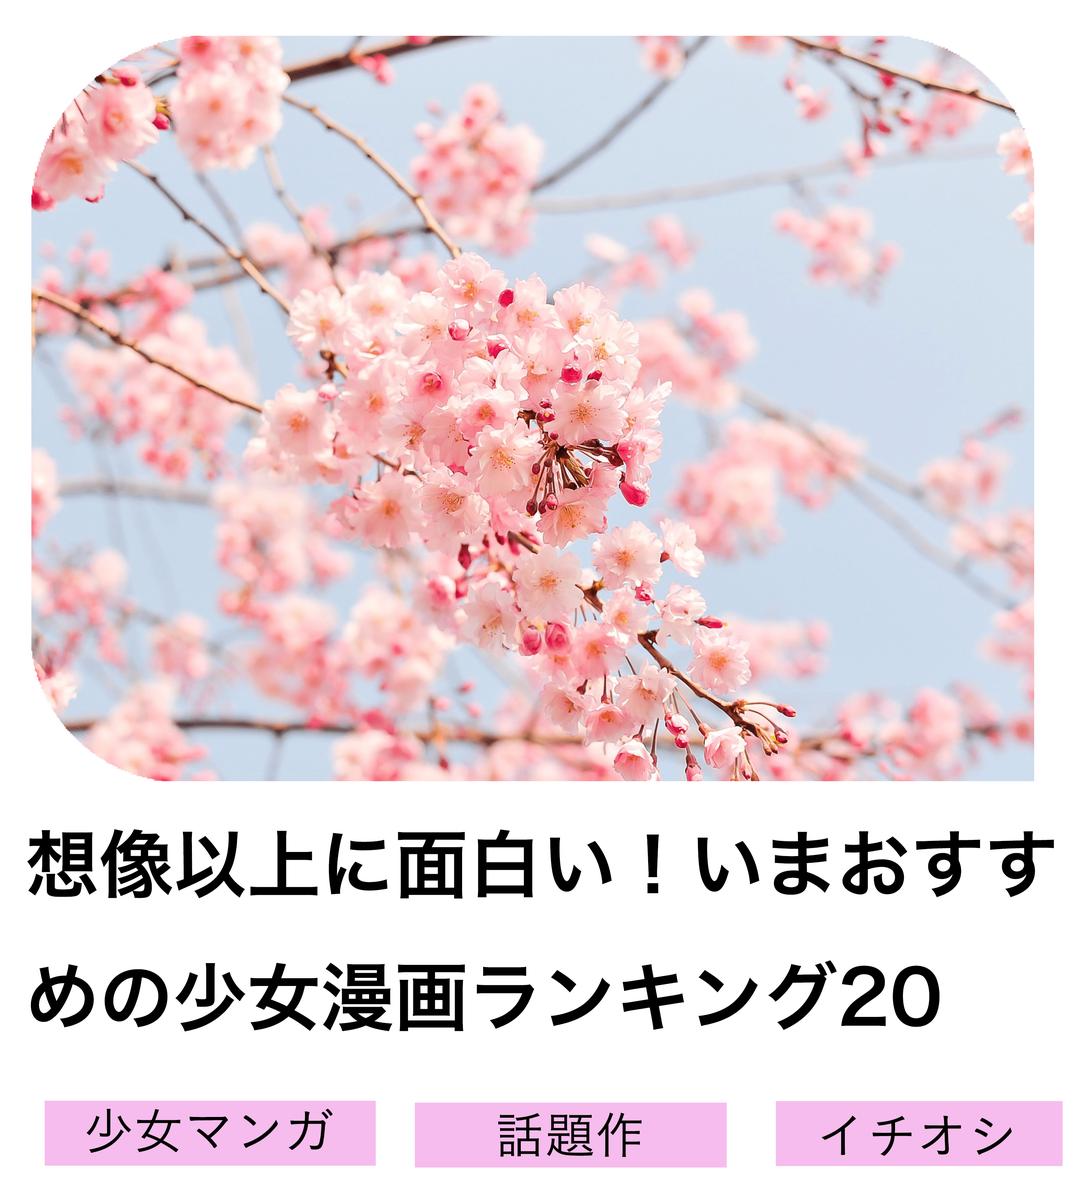 f:id:mimi_shiro:20190406160951p:plain